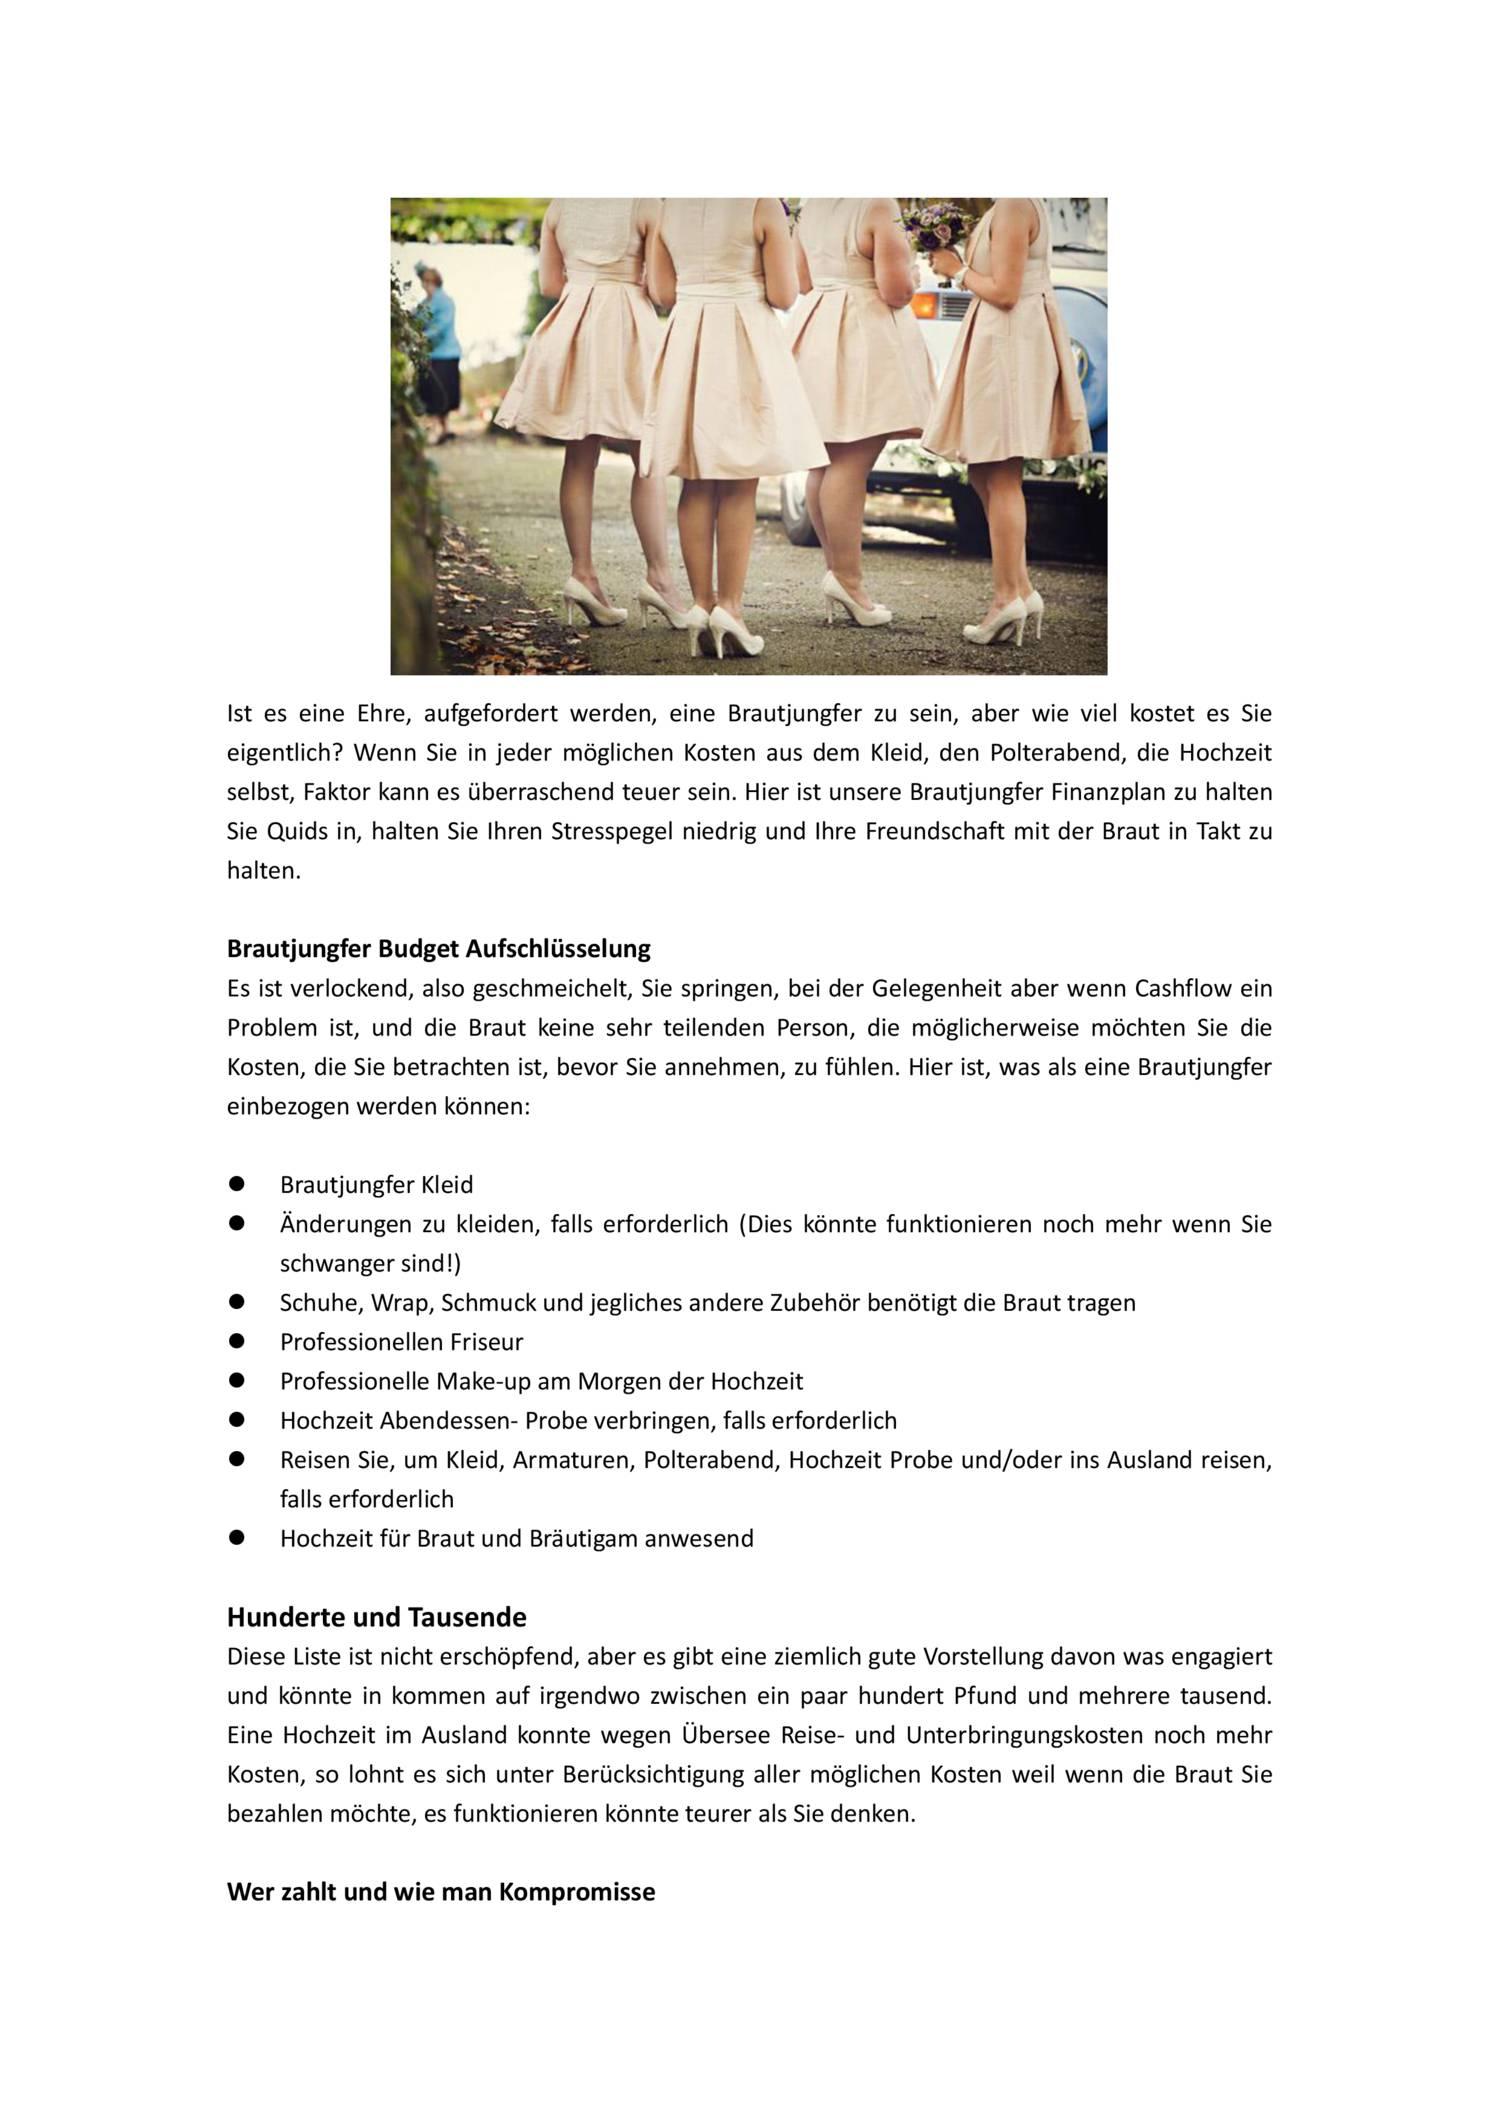 Ziemlich Brautjunferkleider Für Hochzeiten Im Ausland Fotos ...